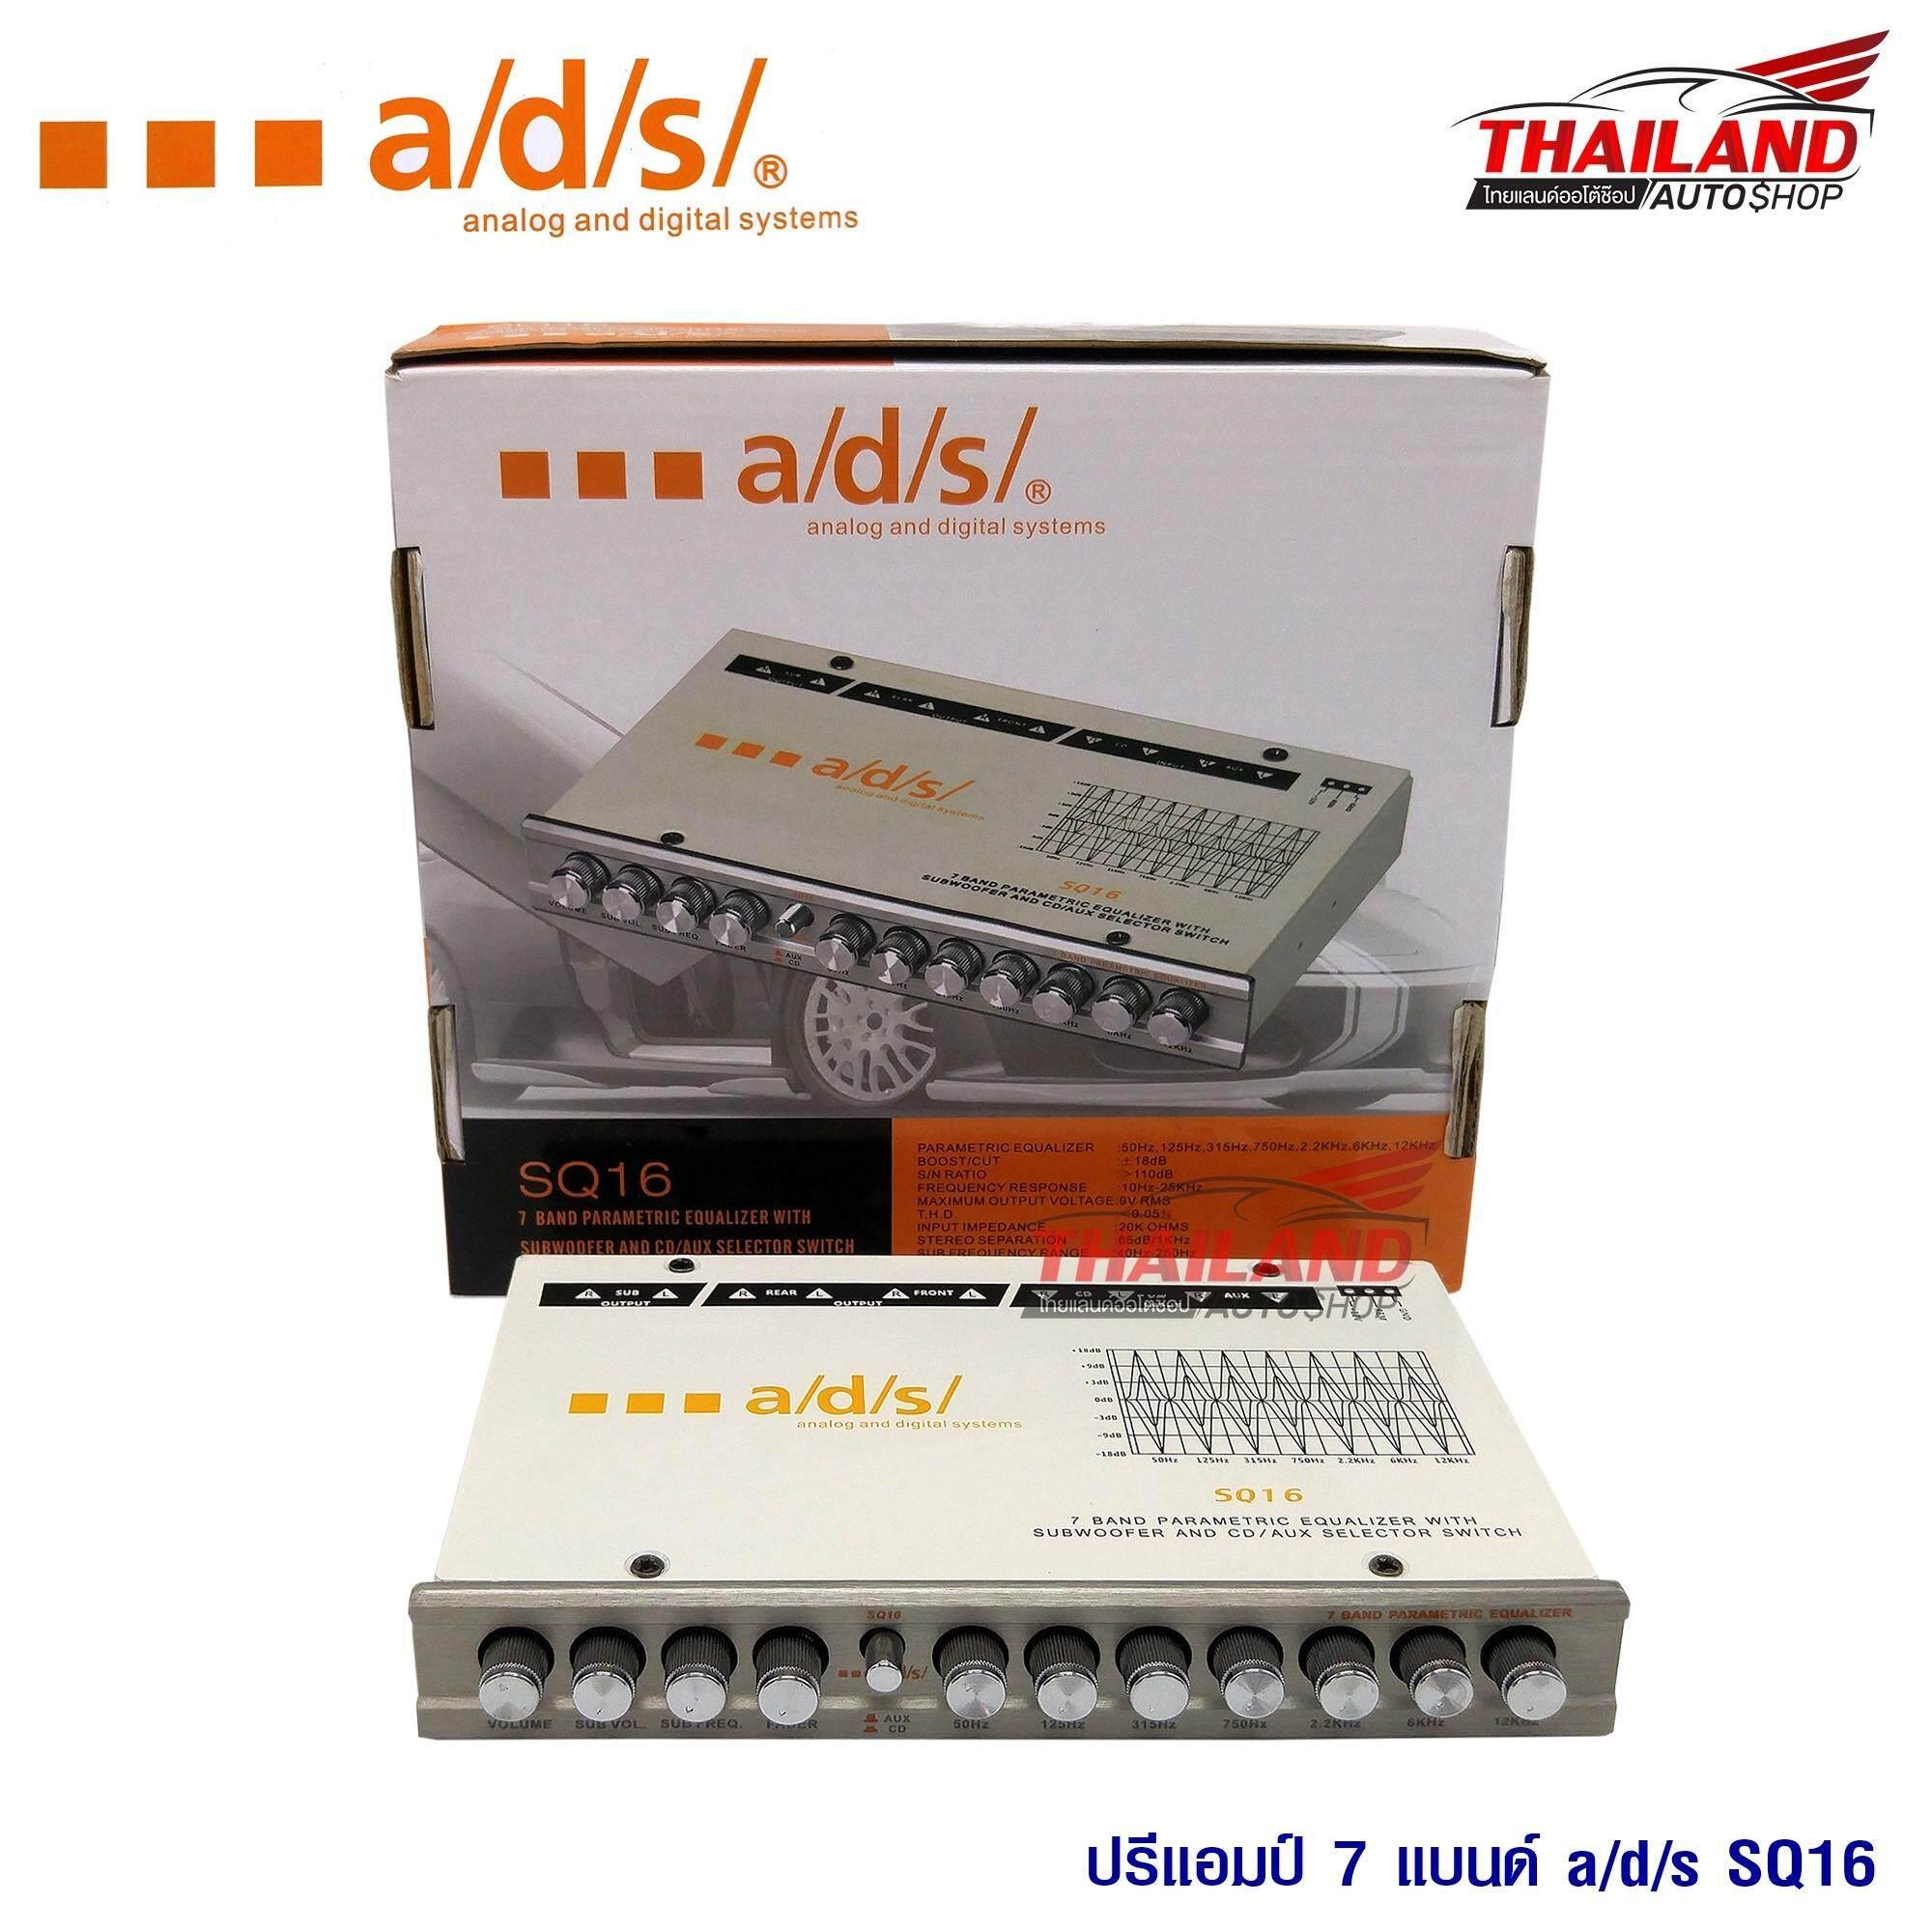 ราคา Thailand ปรีแอมป์ 7 แบนด์ A D S Sq16 เป็นต้นฉบับ